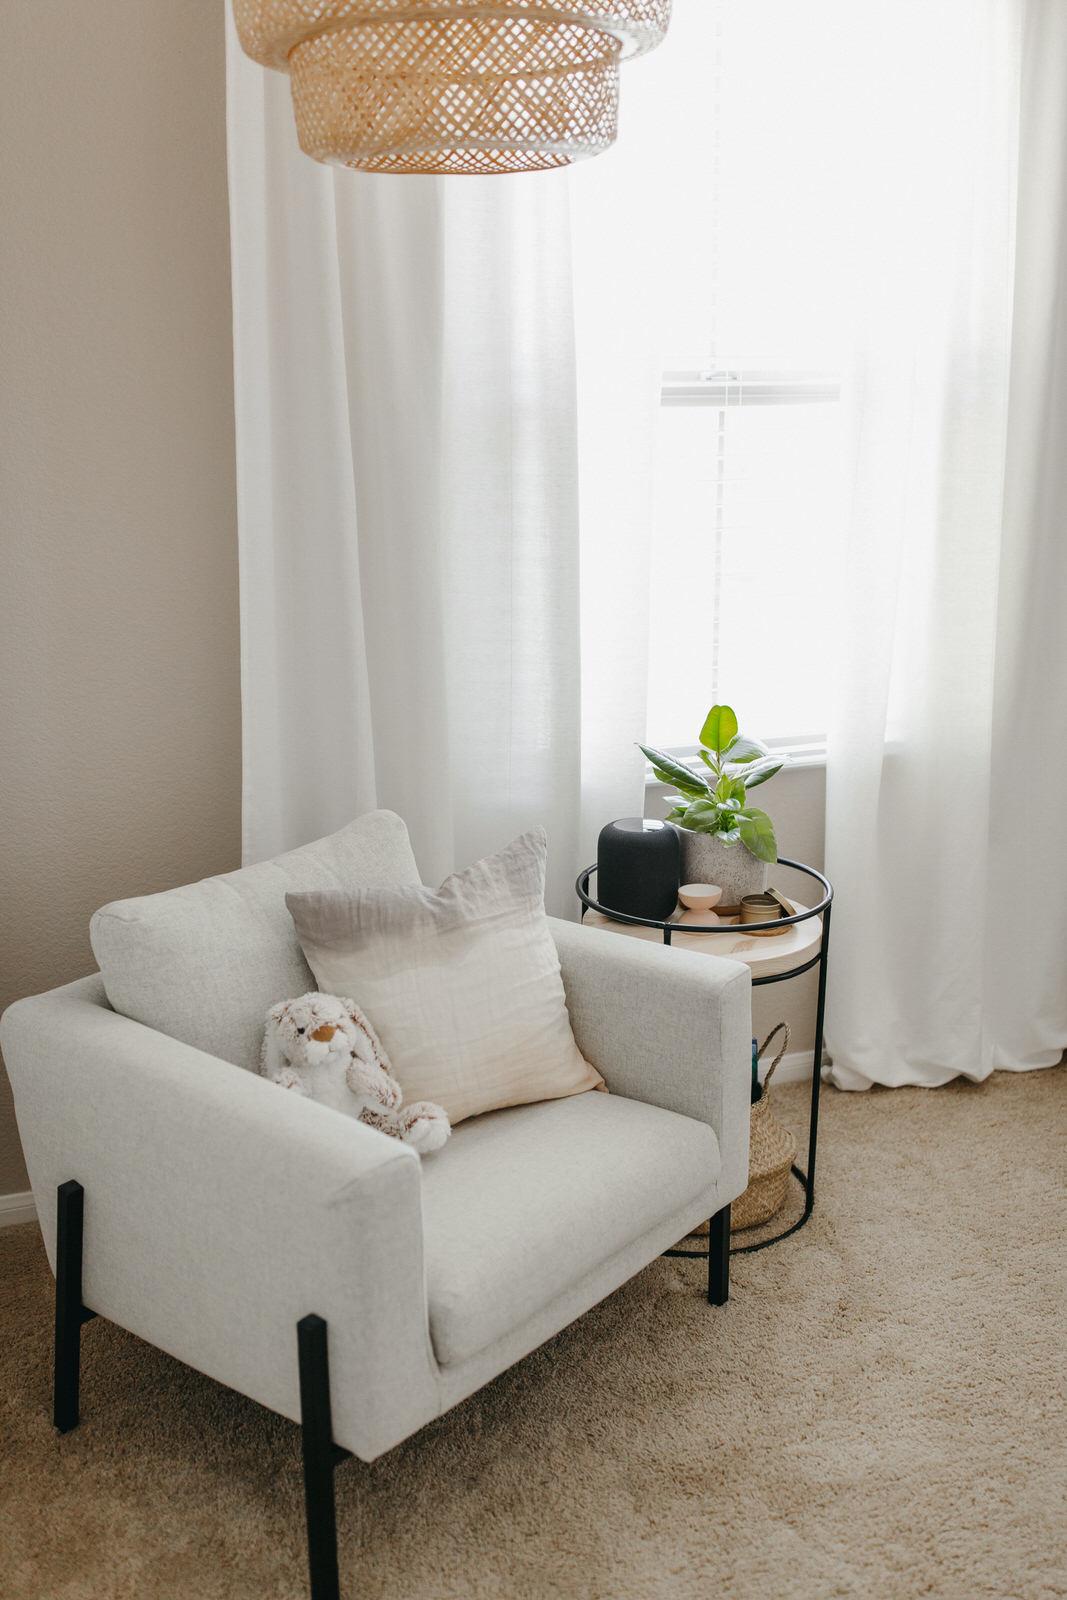 Chloé's Nursery - Baby's Room - V1 (19 of 48).jpg